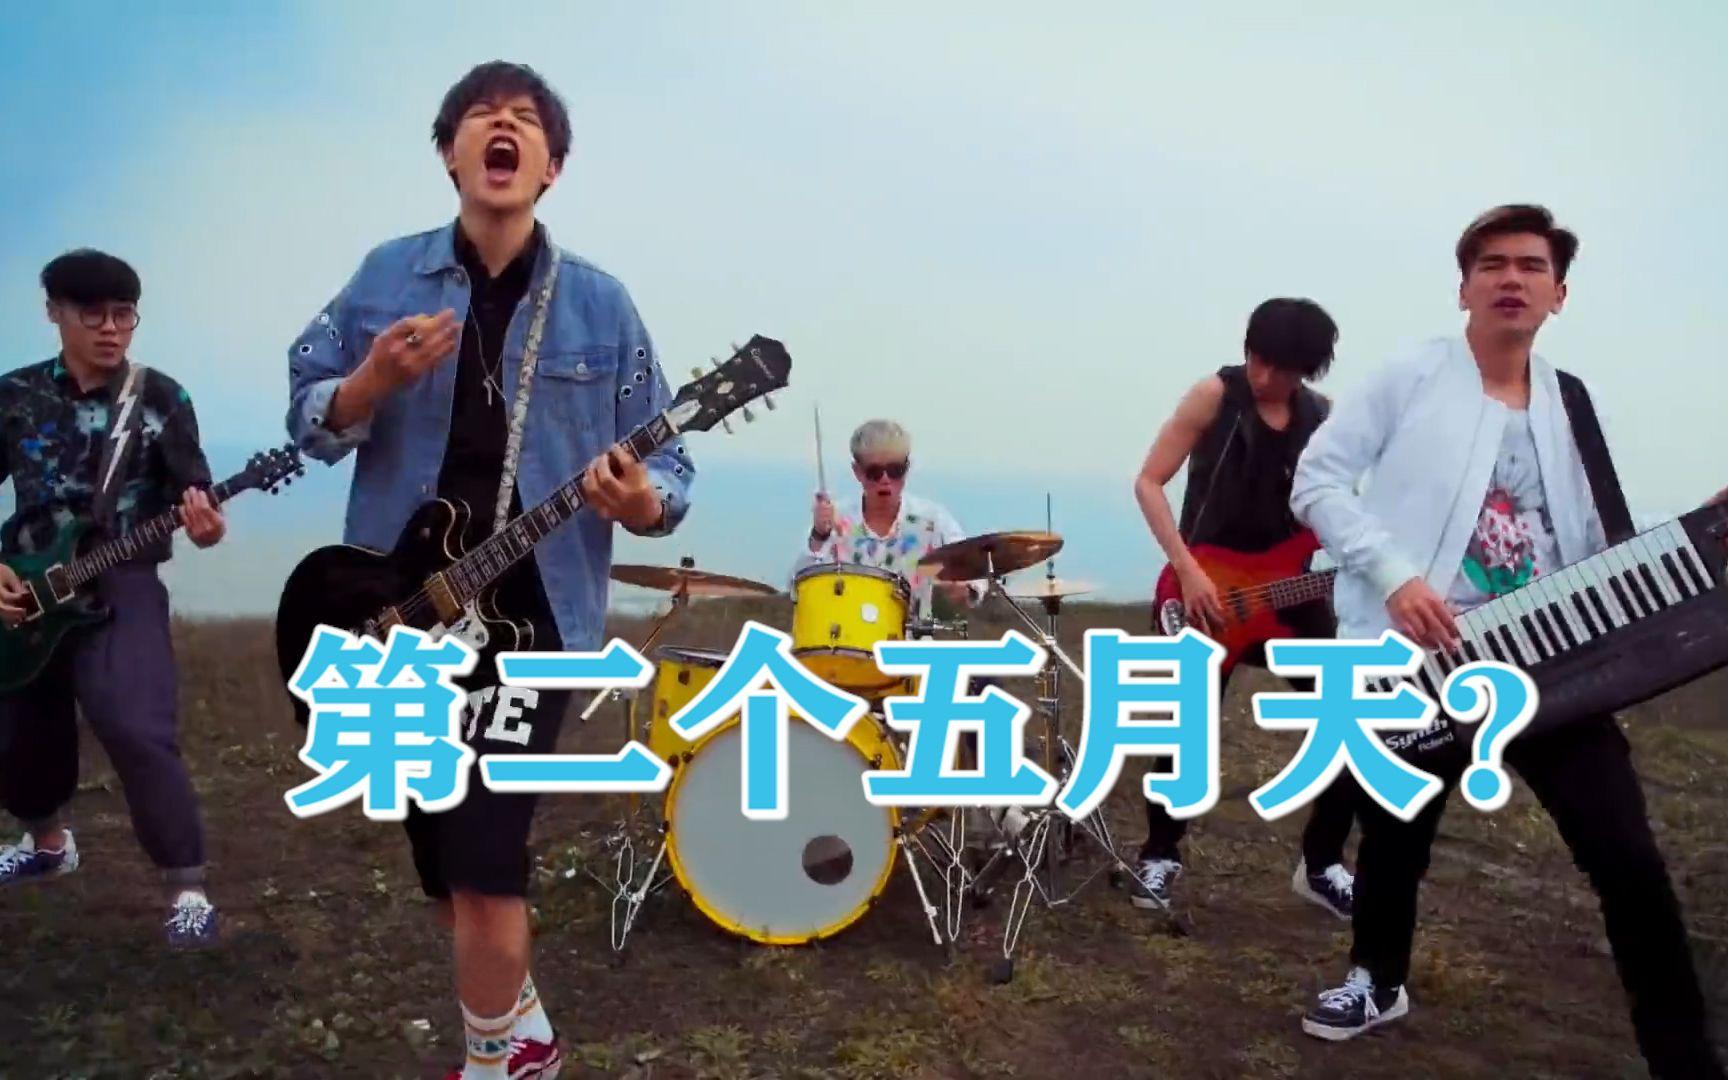 同是臺灣搖滾樂隊!八三夭到底有沒有模仿五月天?_嗶哩嗶哩 (゜-゜)つロ 干杯~-bilibili